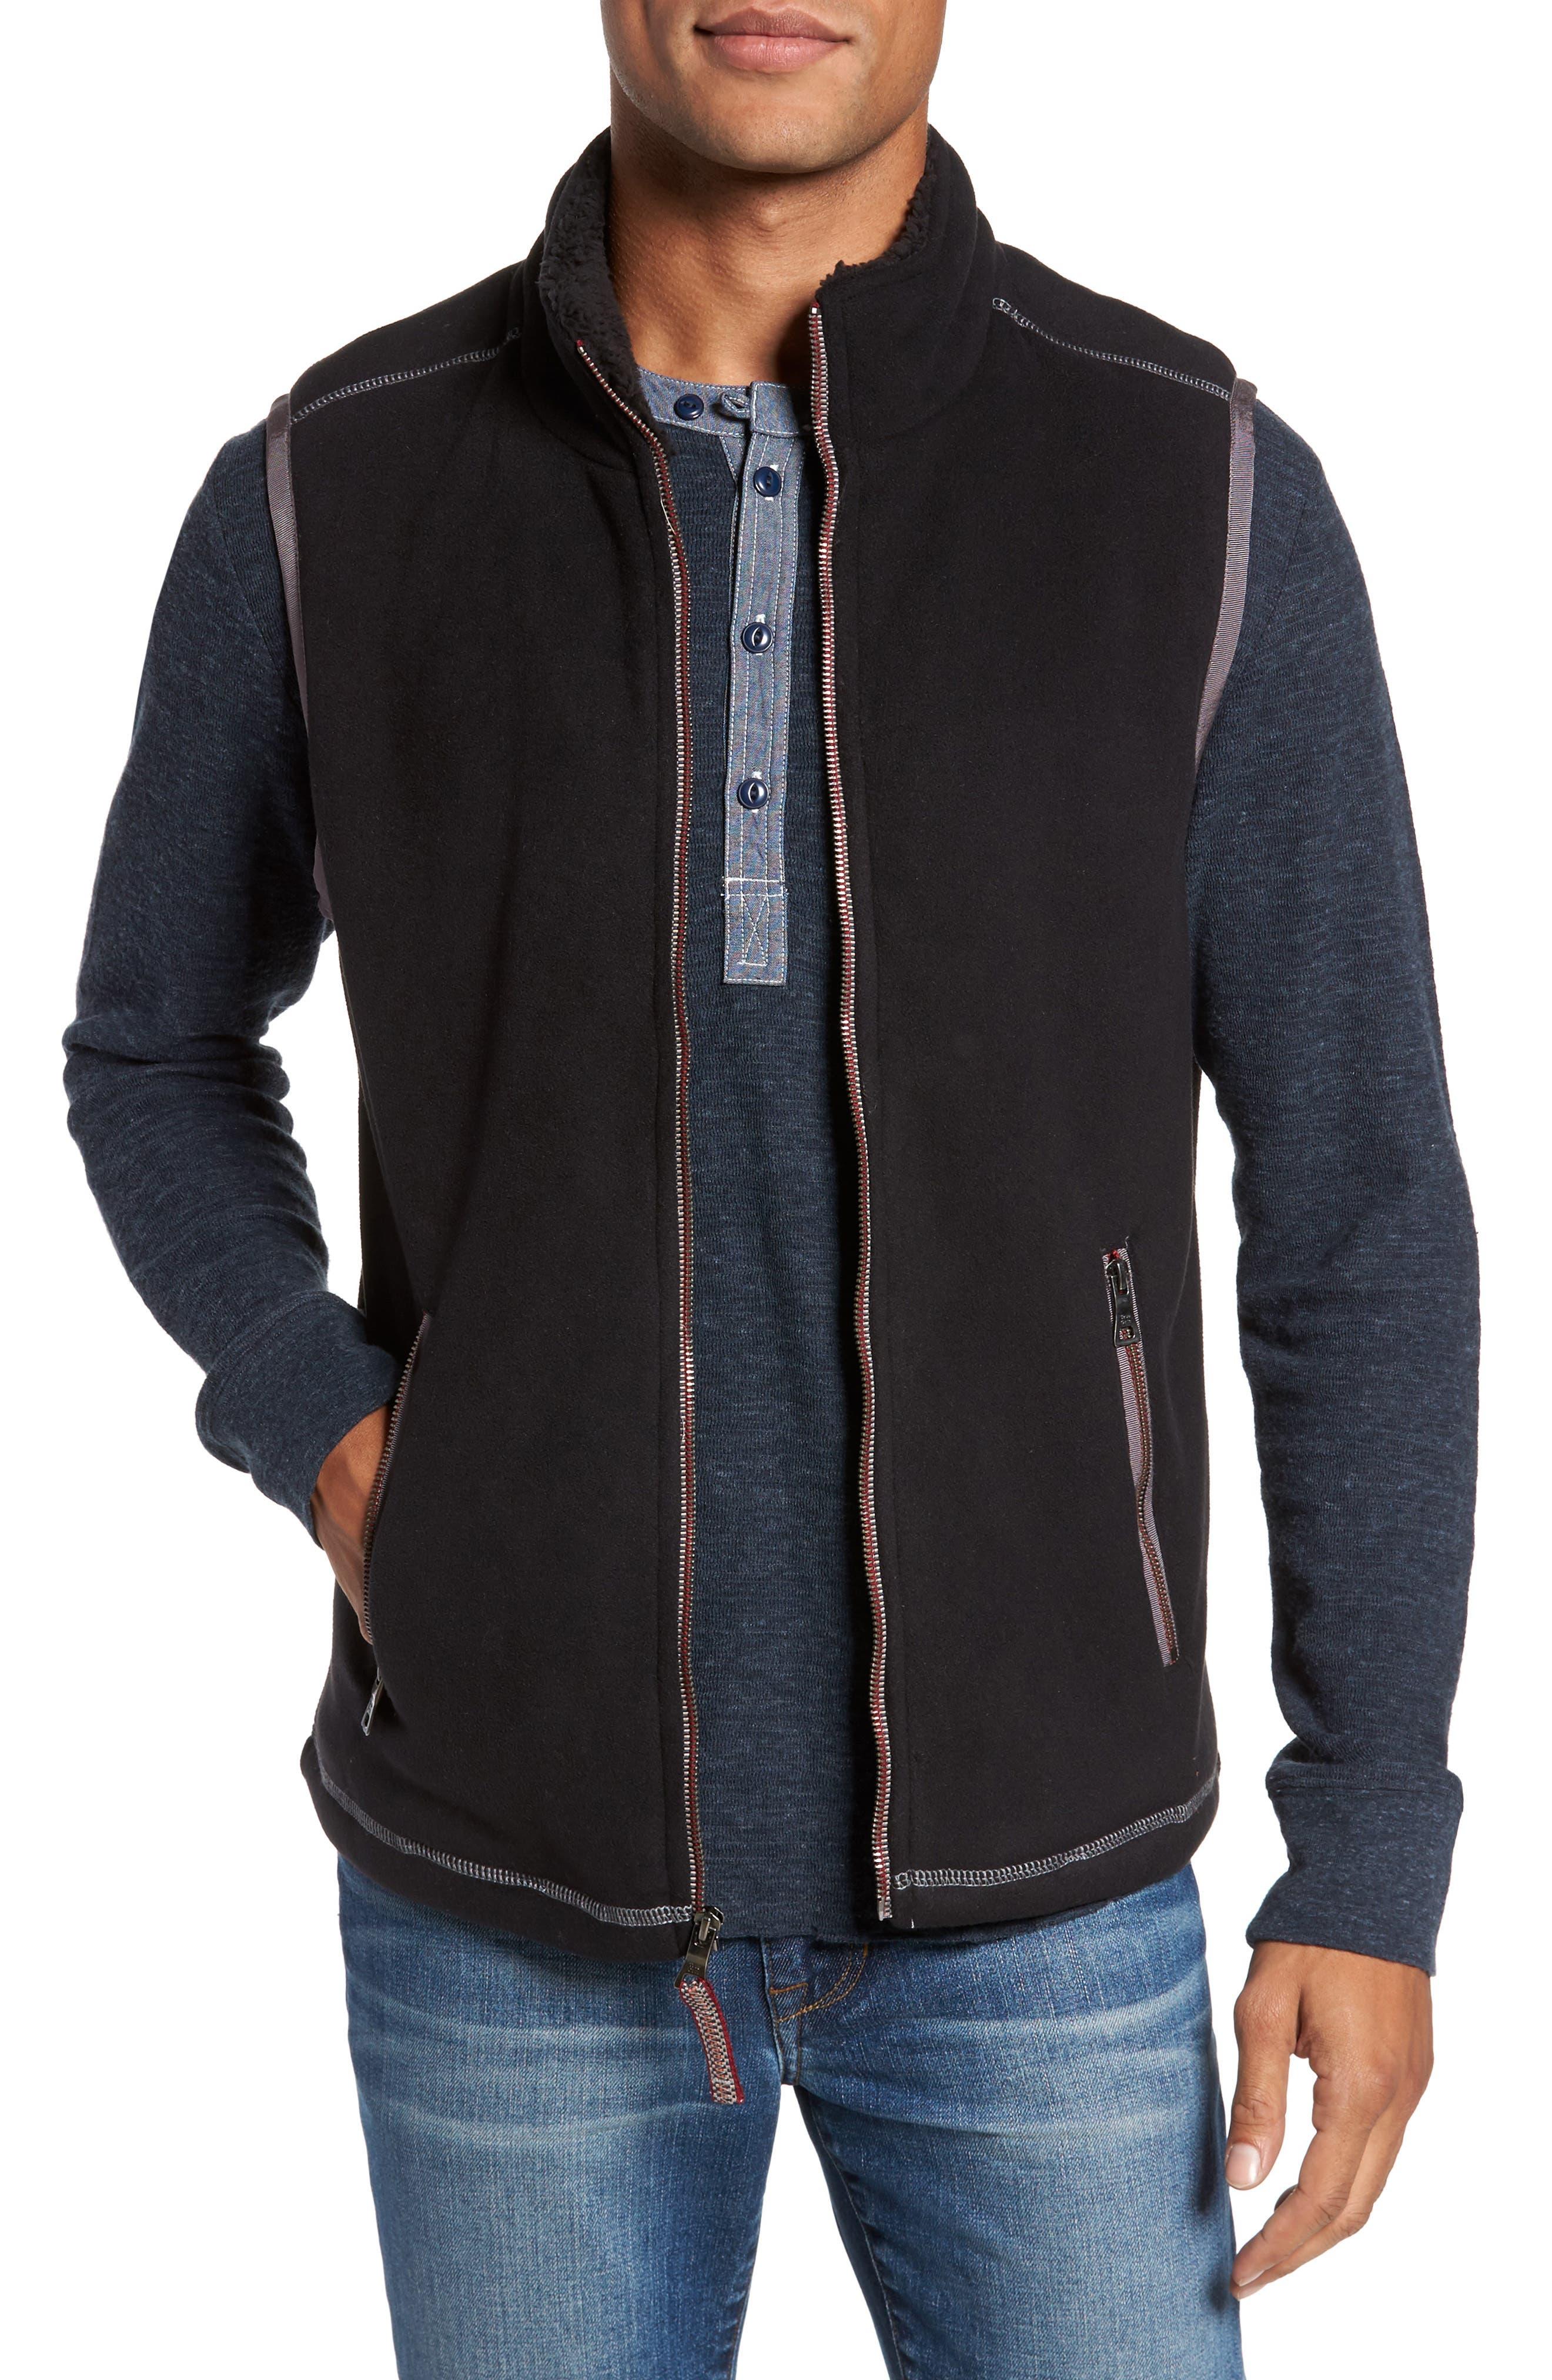 Alternate Image 1 Selected - True Grit Bonded Fleece Zip Front Vest